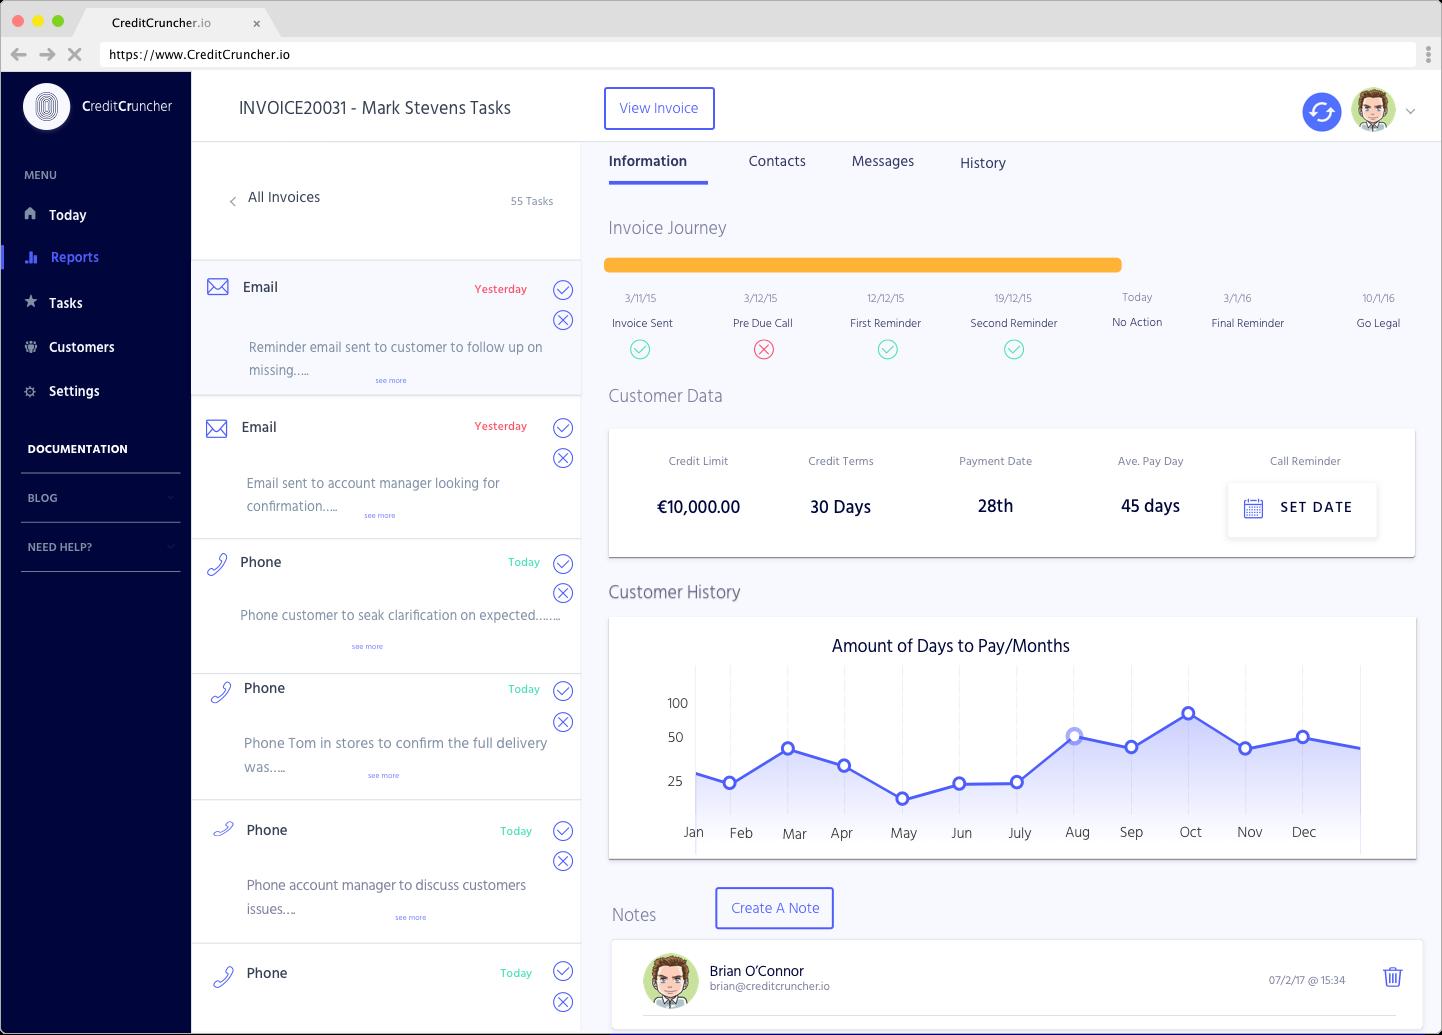 CreditCruncher main tasks screen